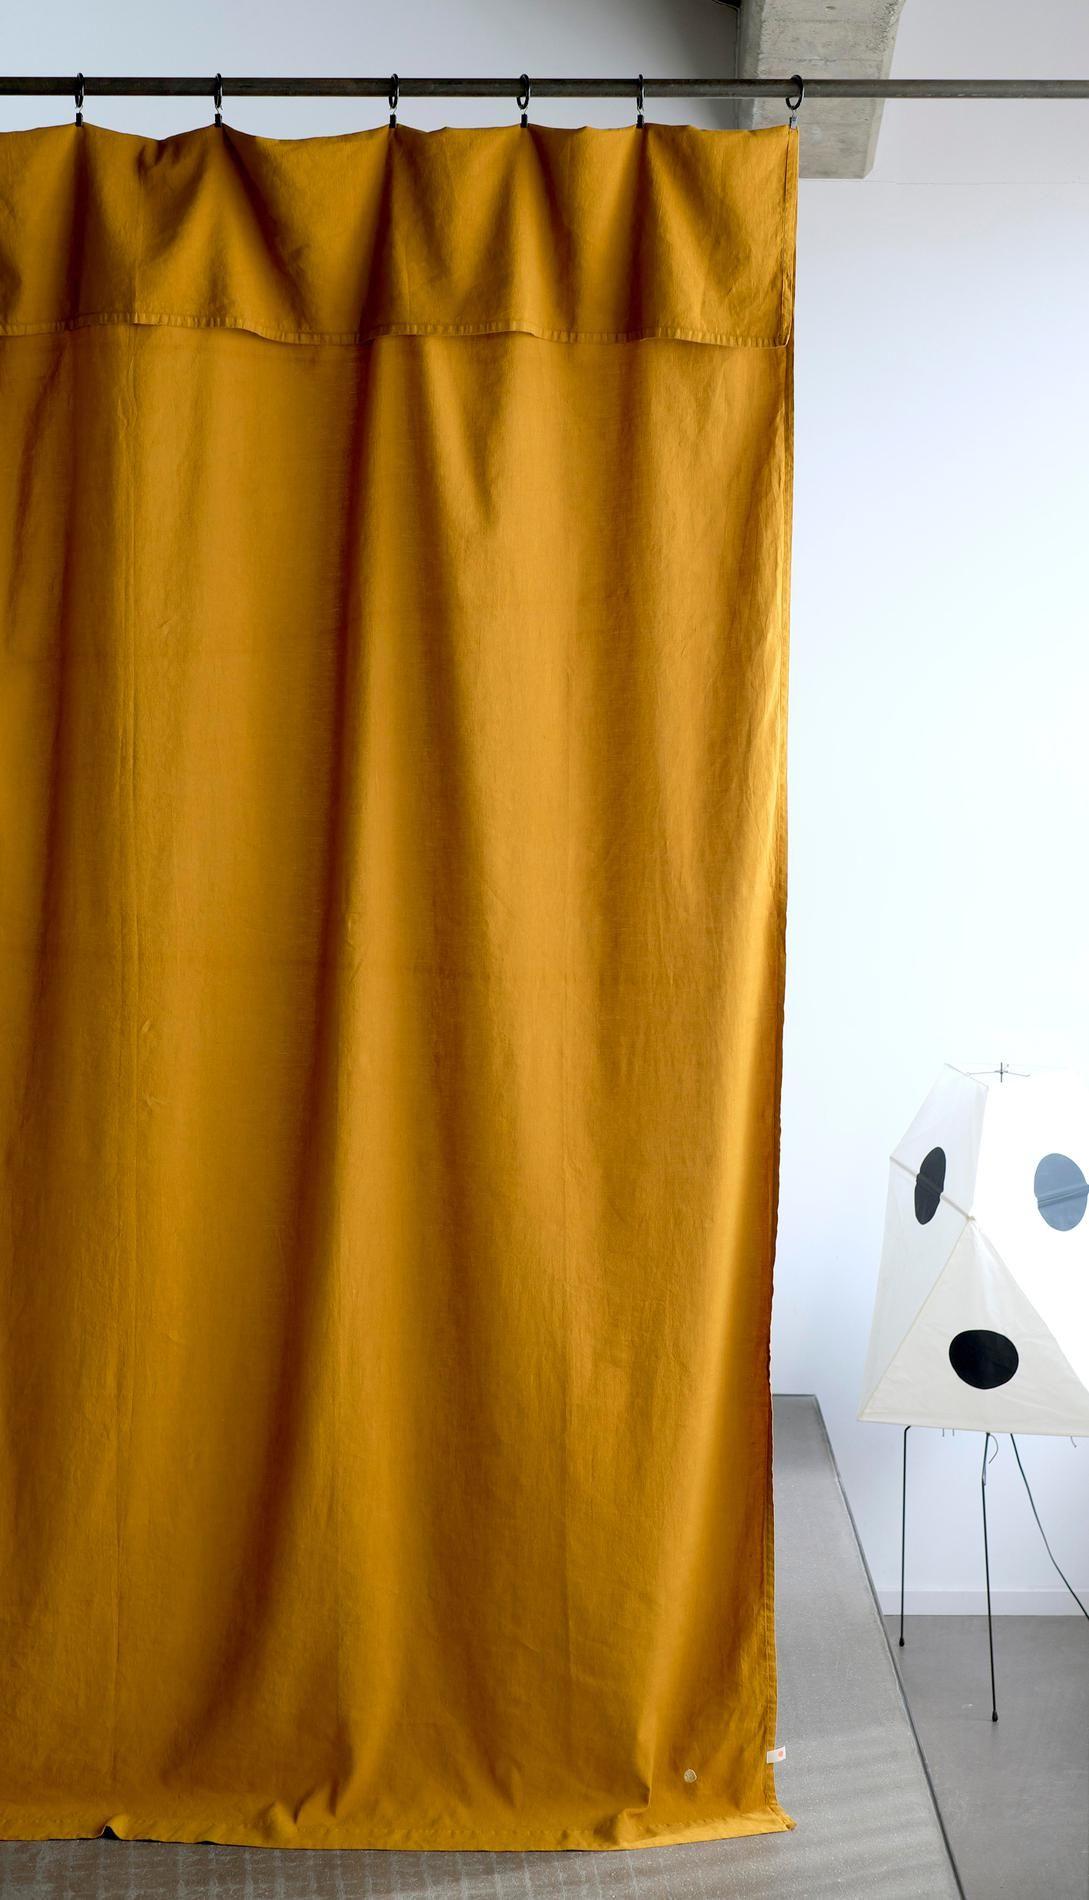 comment rajeunir son salon petit budget diy rideaux. Black Bedroom Furniture Sets. Home Design Ideas